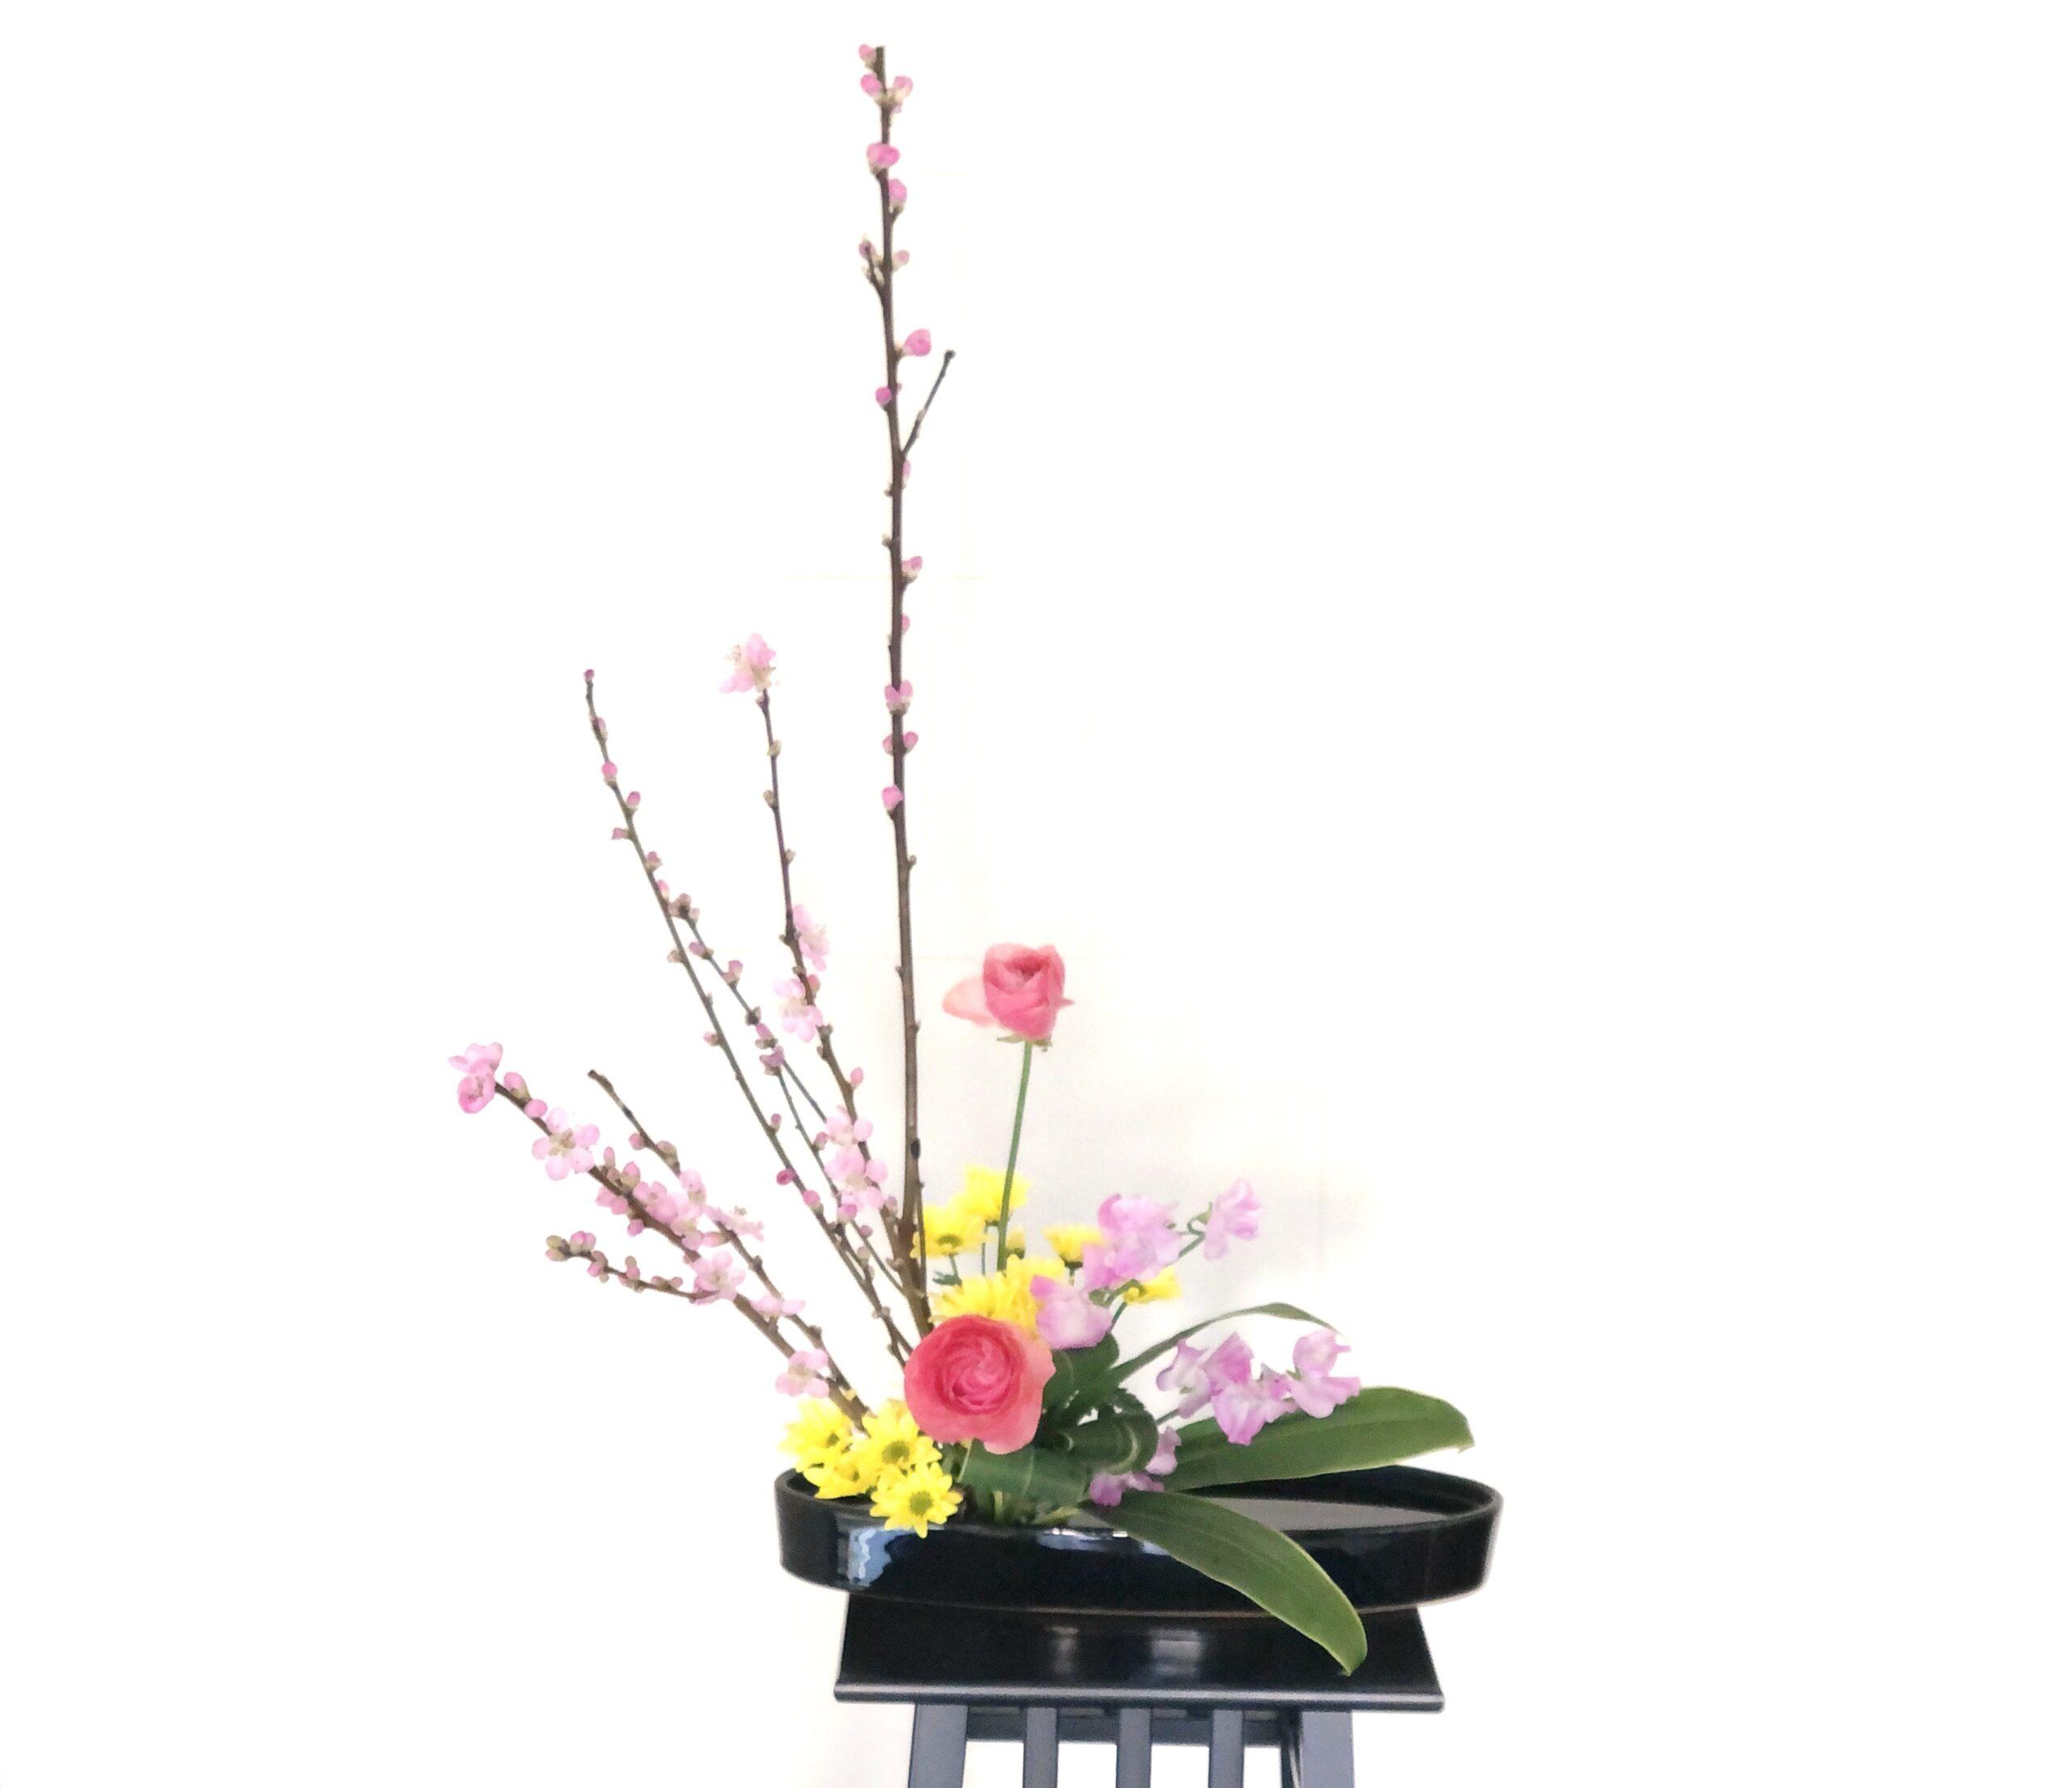 桃の花の生け花 盛花編 ひなまつりには桃のお花を飾ってみよう